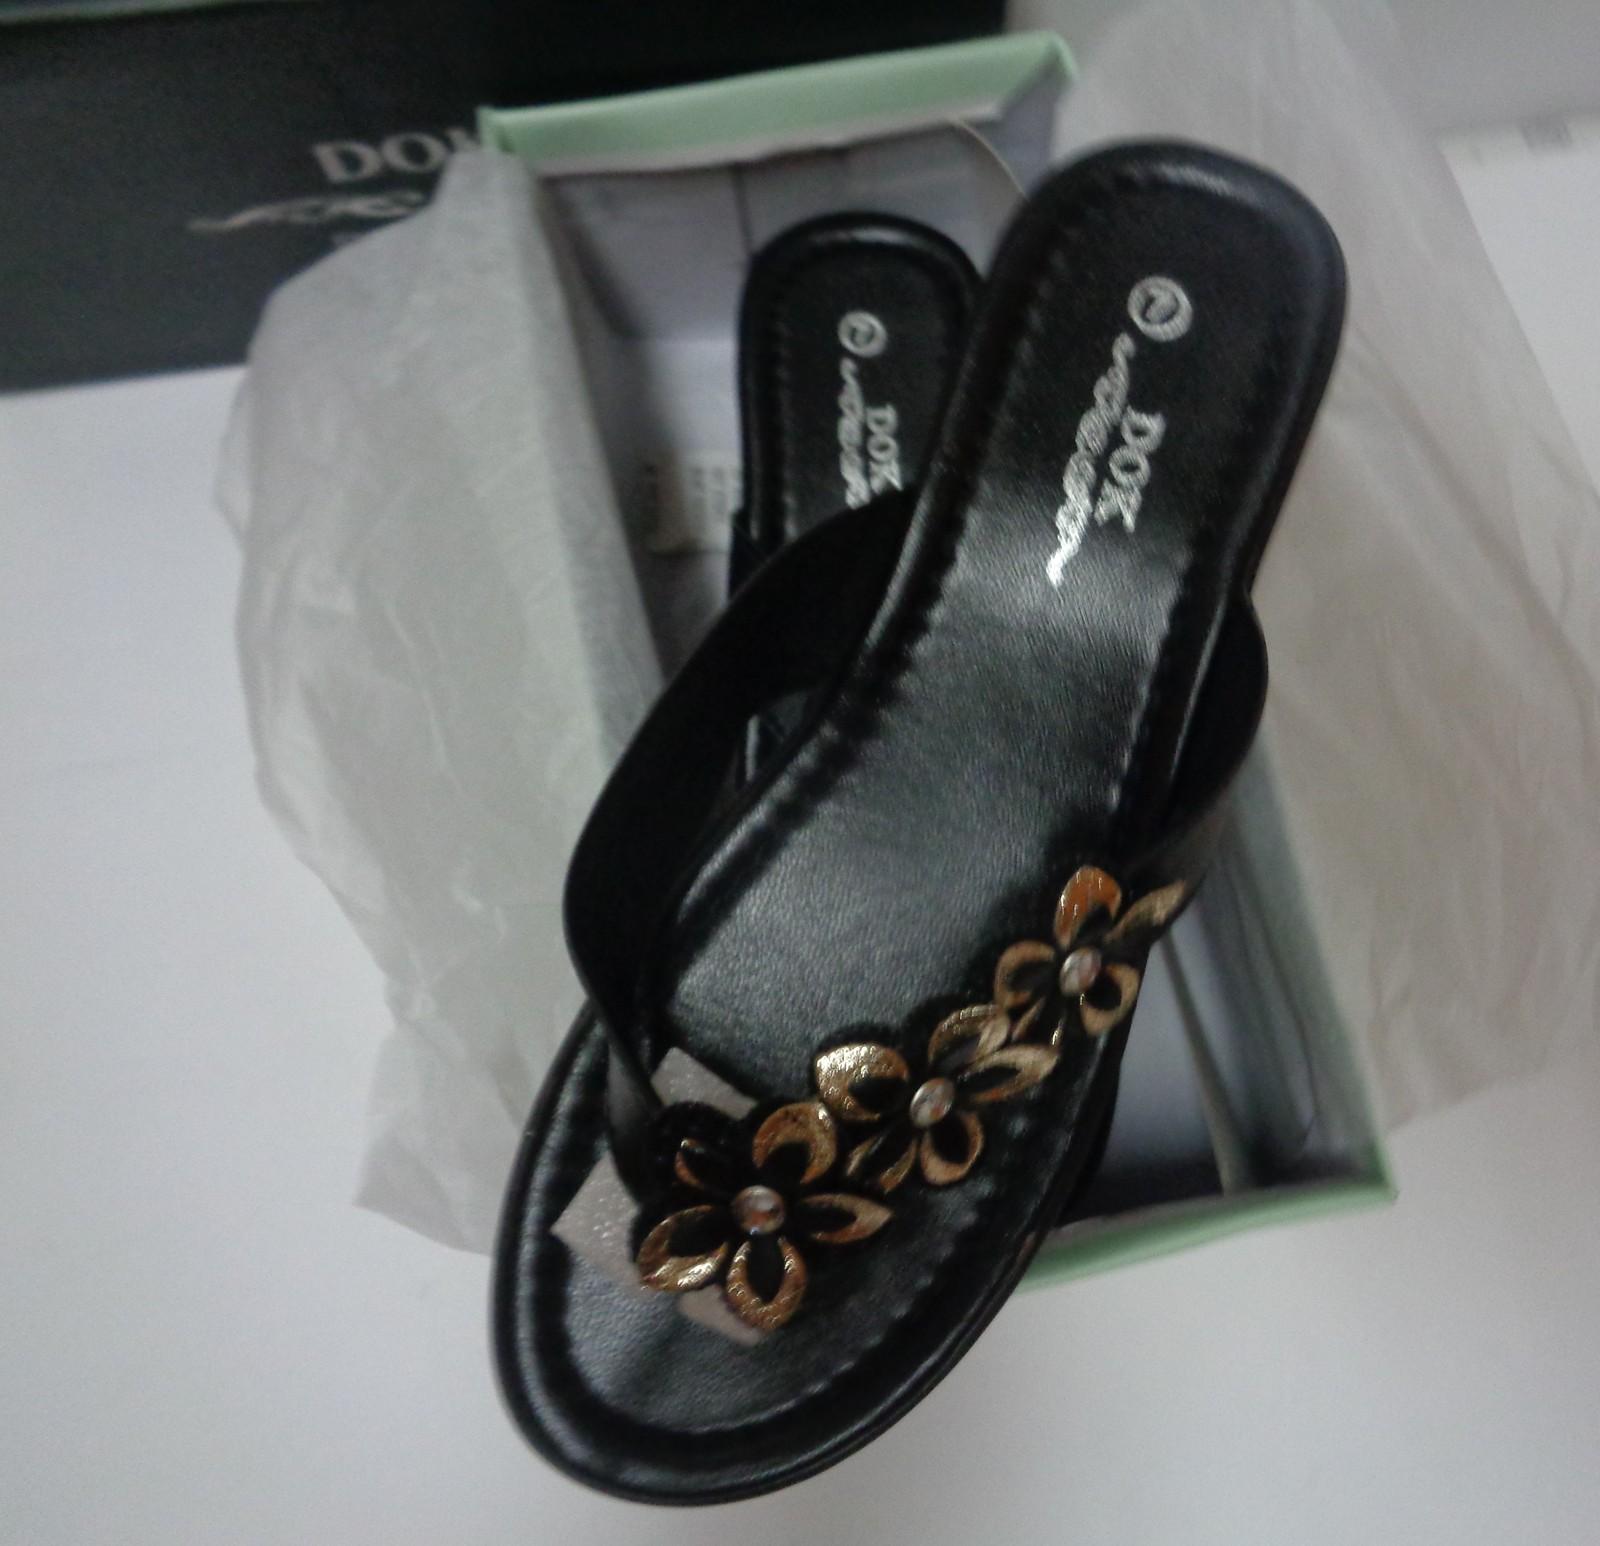 Women's Black Mule Sandals Gold Floral Accent DOK NIB Sz 7 Low Heel